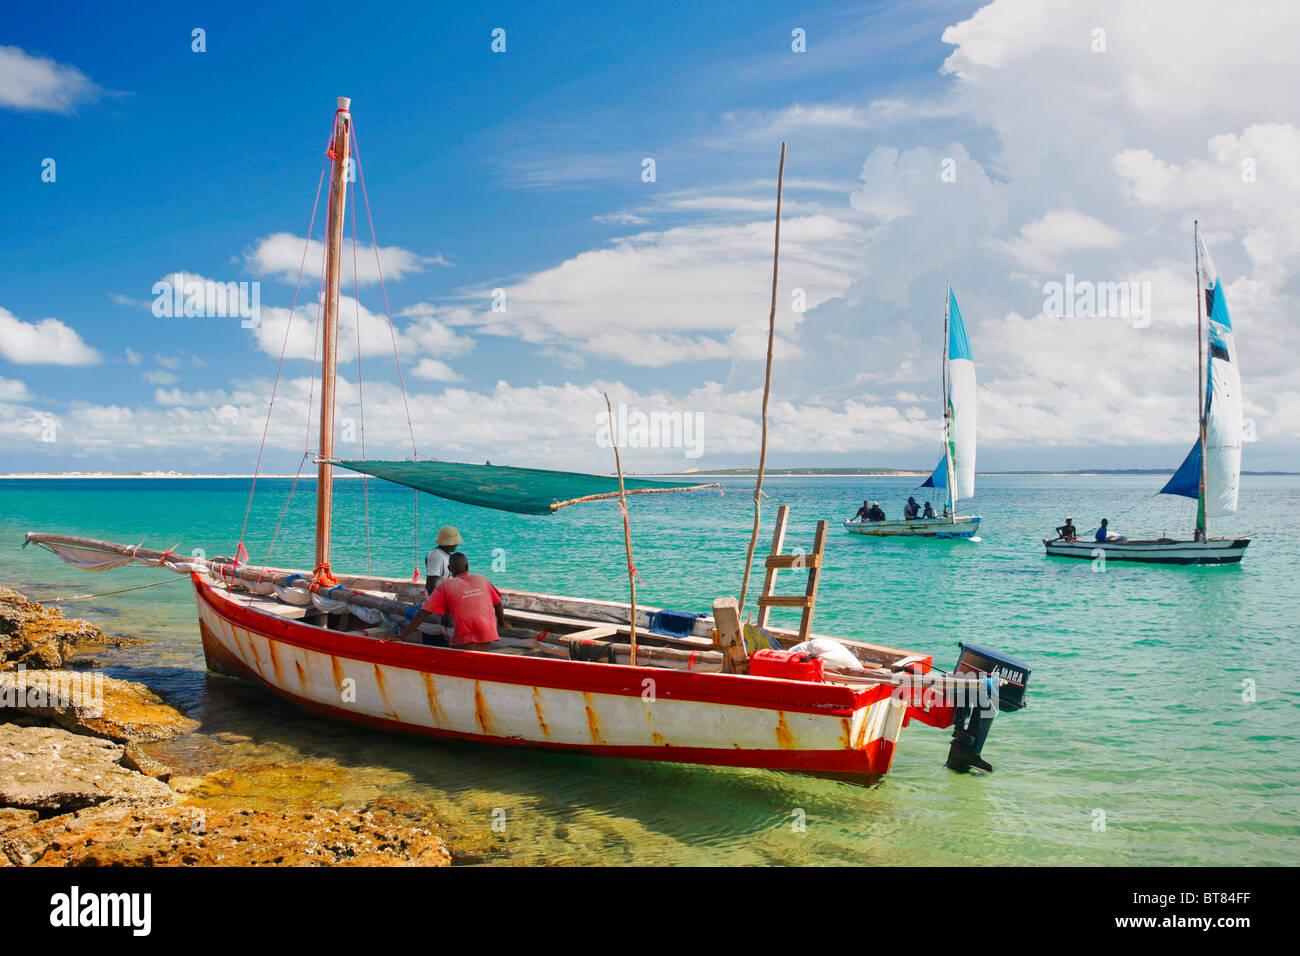 Los Dhows en el archipiélago de Bazaruto, en Mozambique. Imagen De Stock